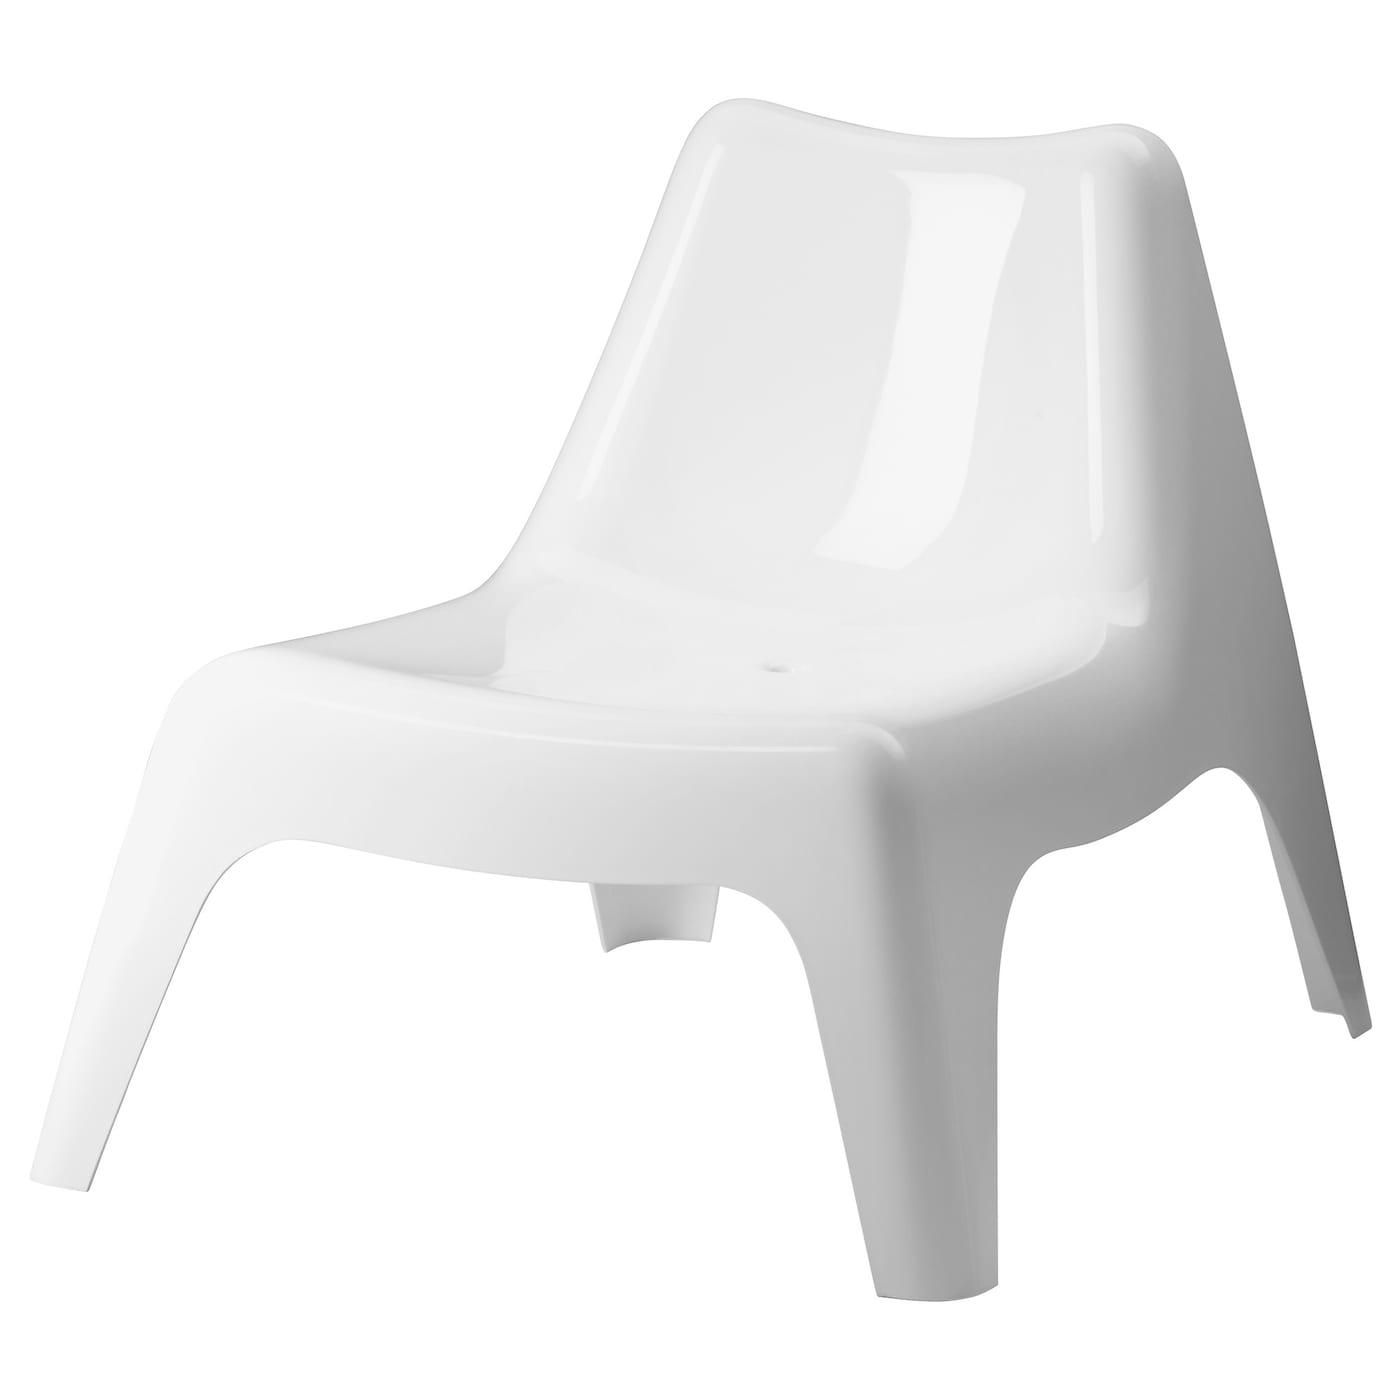 Beroemd Terrasstoelen - IKEA &VC22